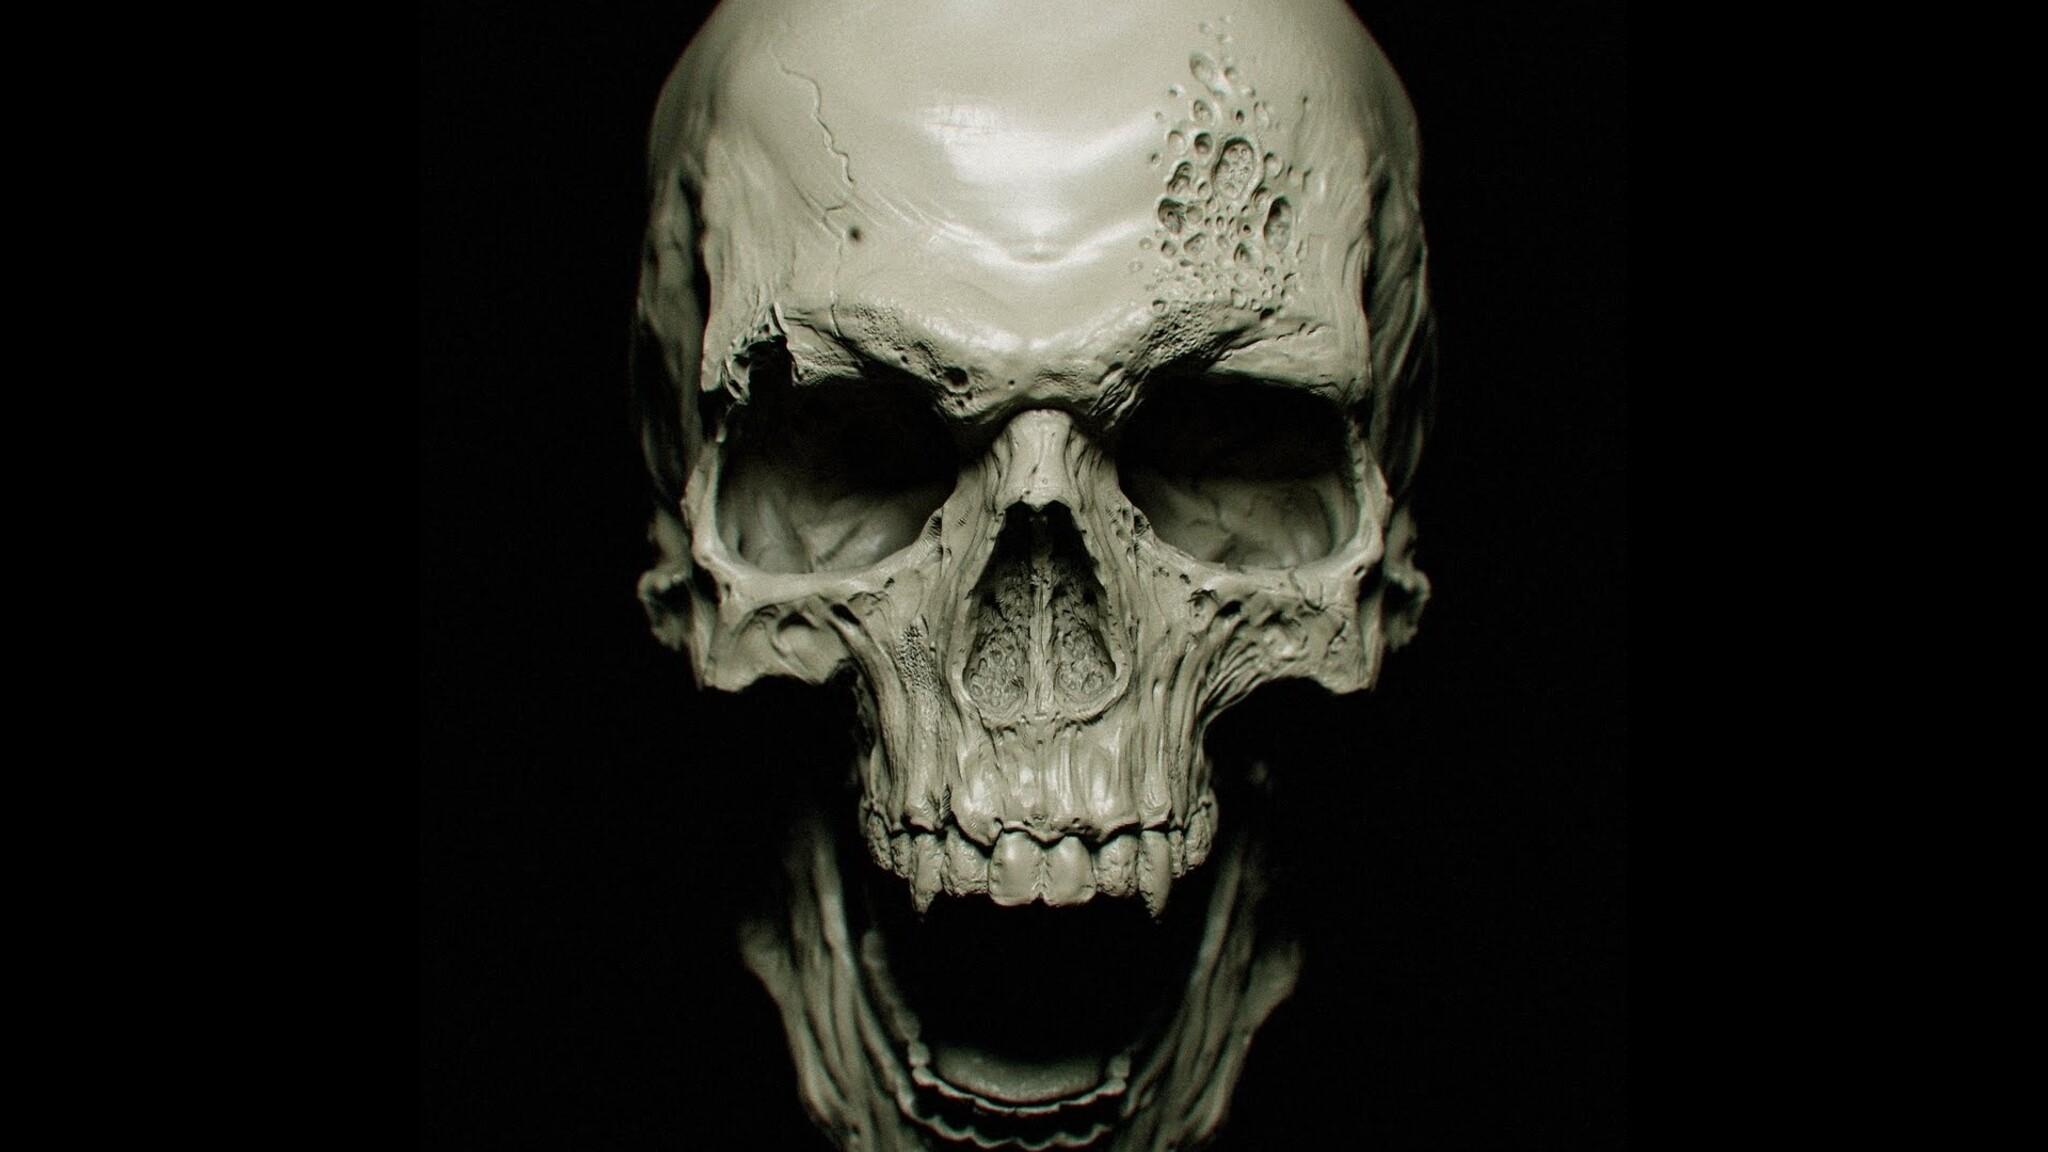 2048x1152 skull 2048x1152 resolution hd 4k wallpapers - Skull 4k images ...